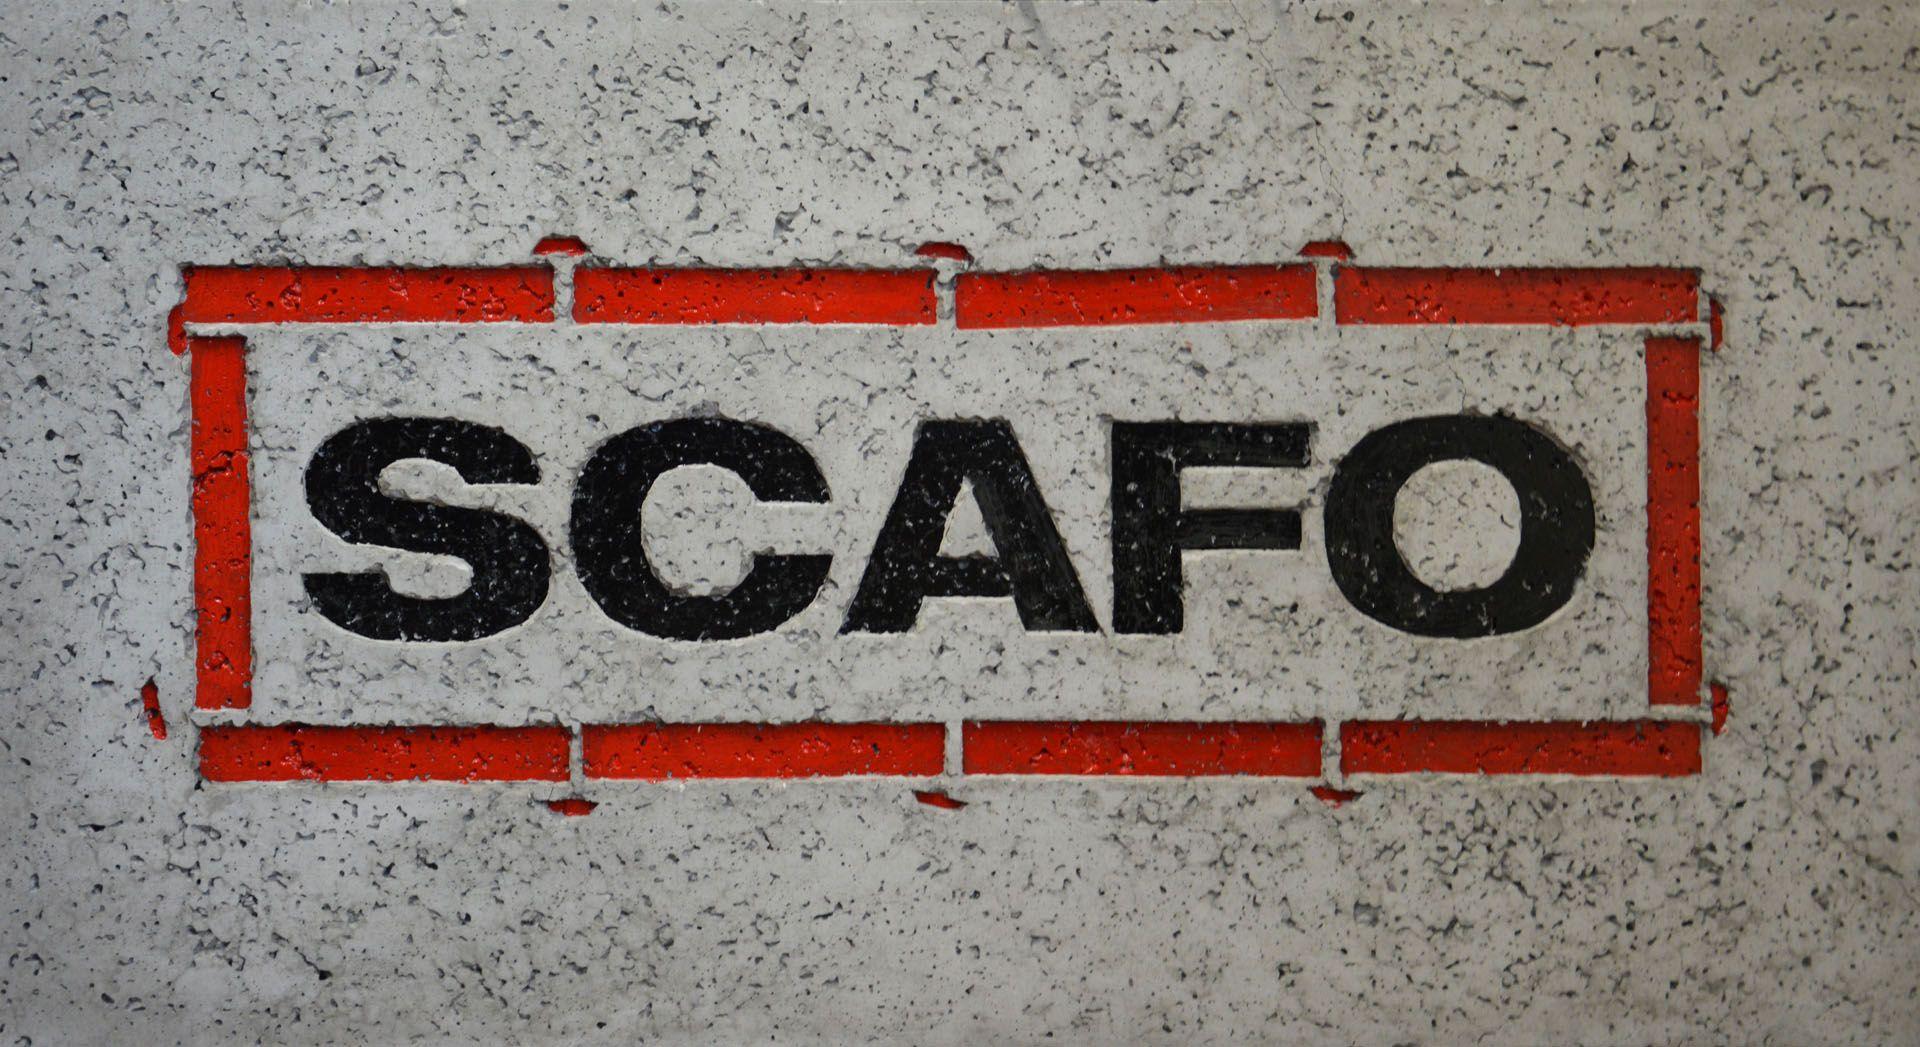 scafo logo